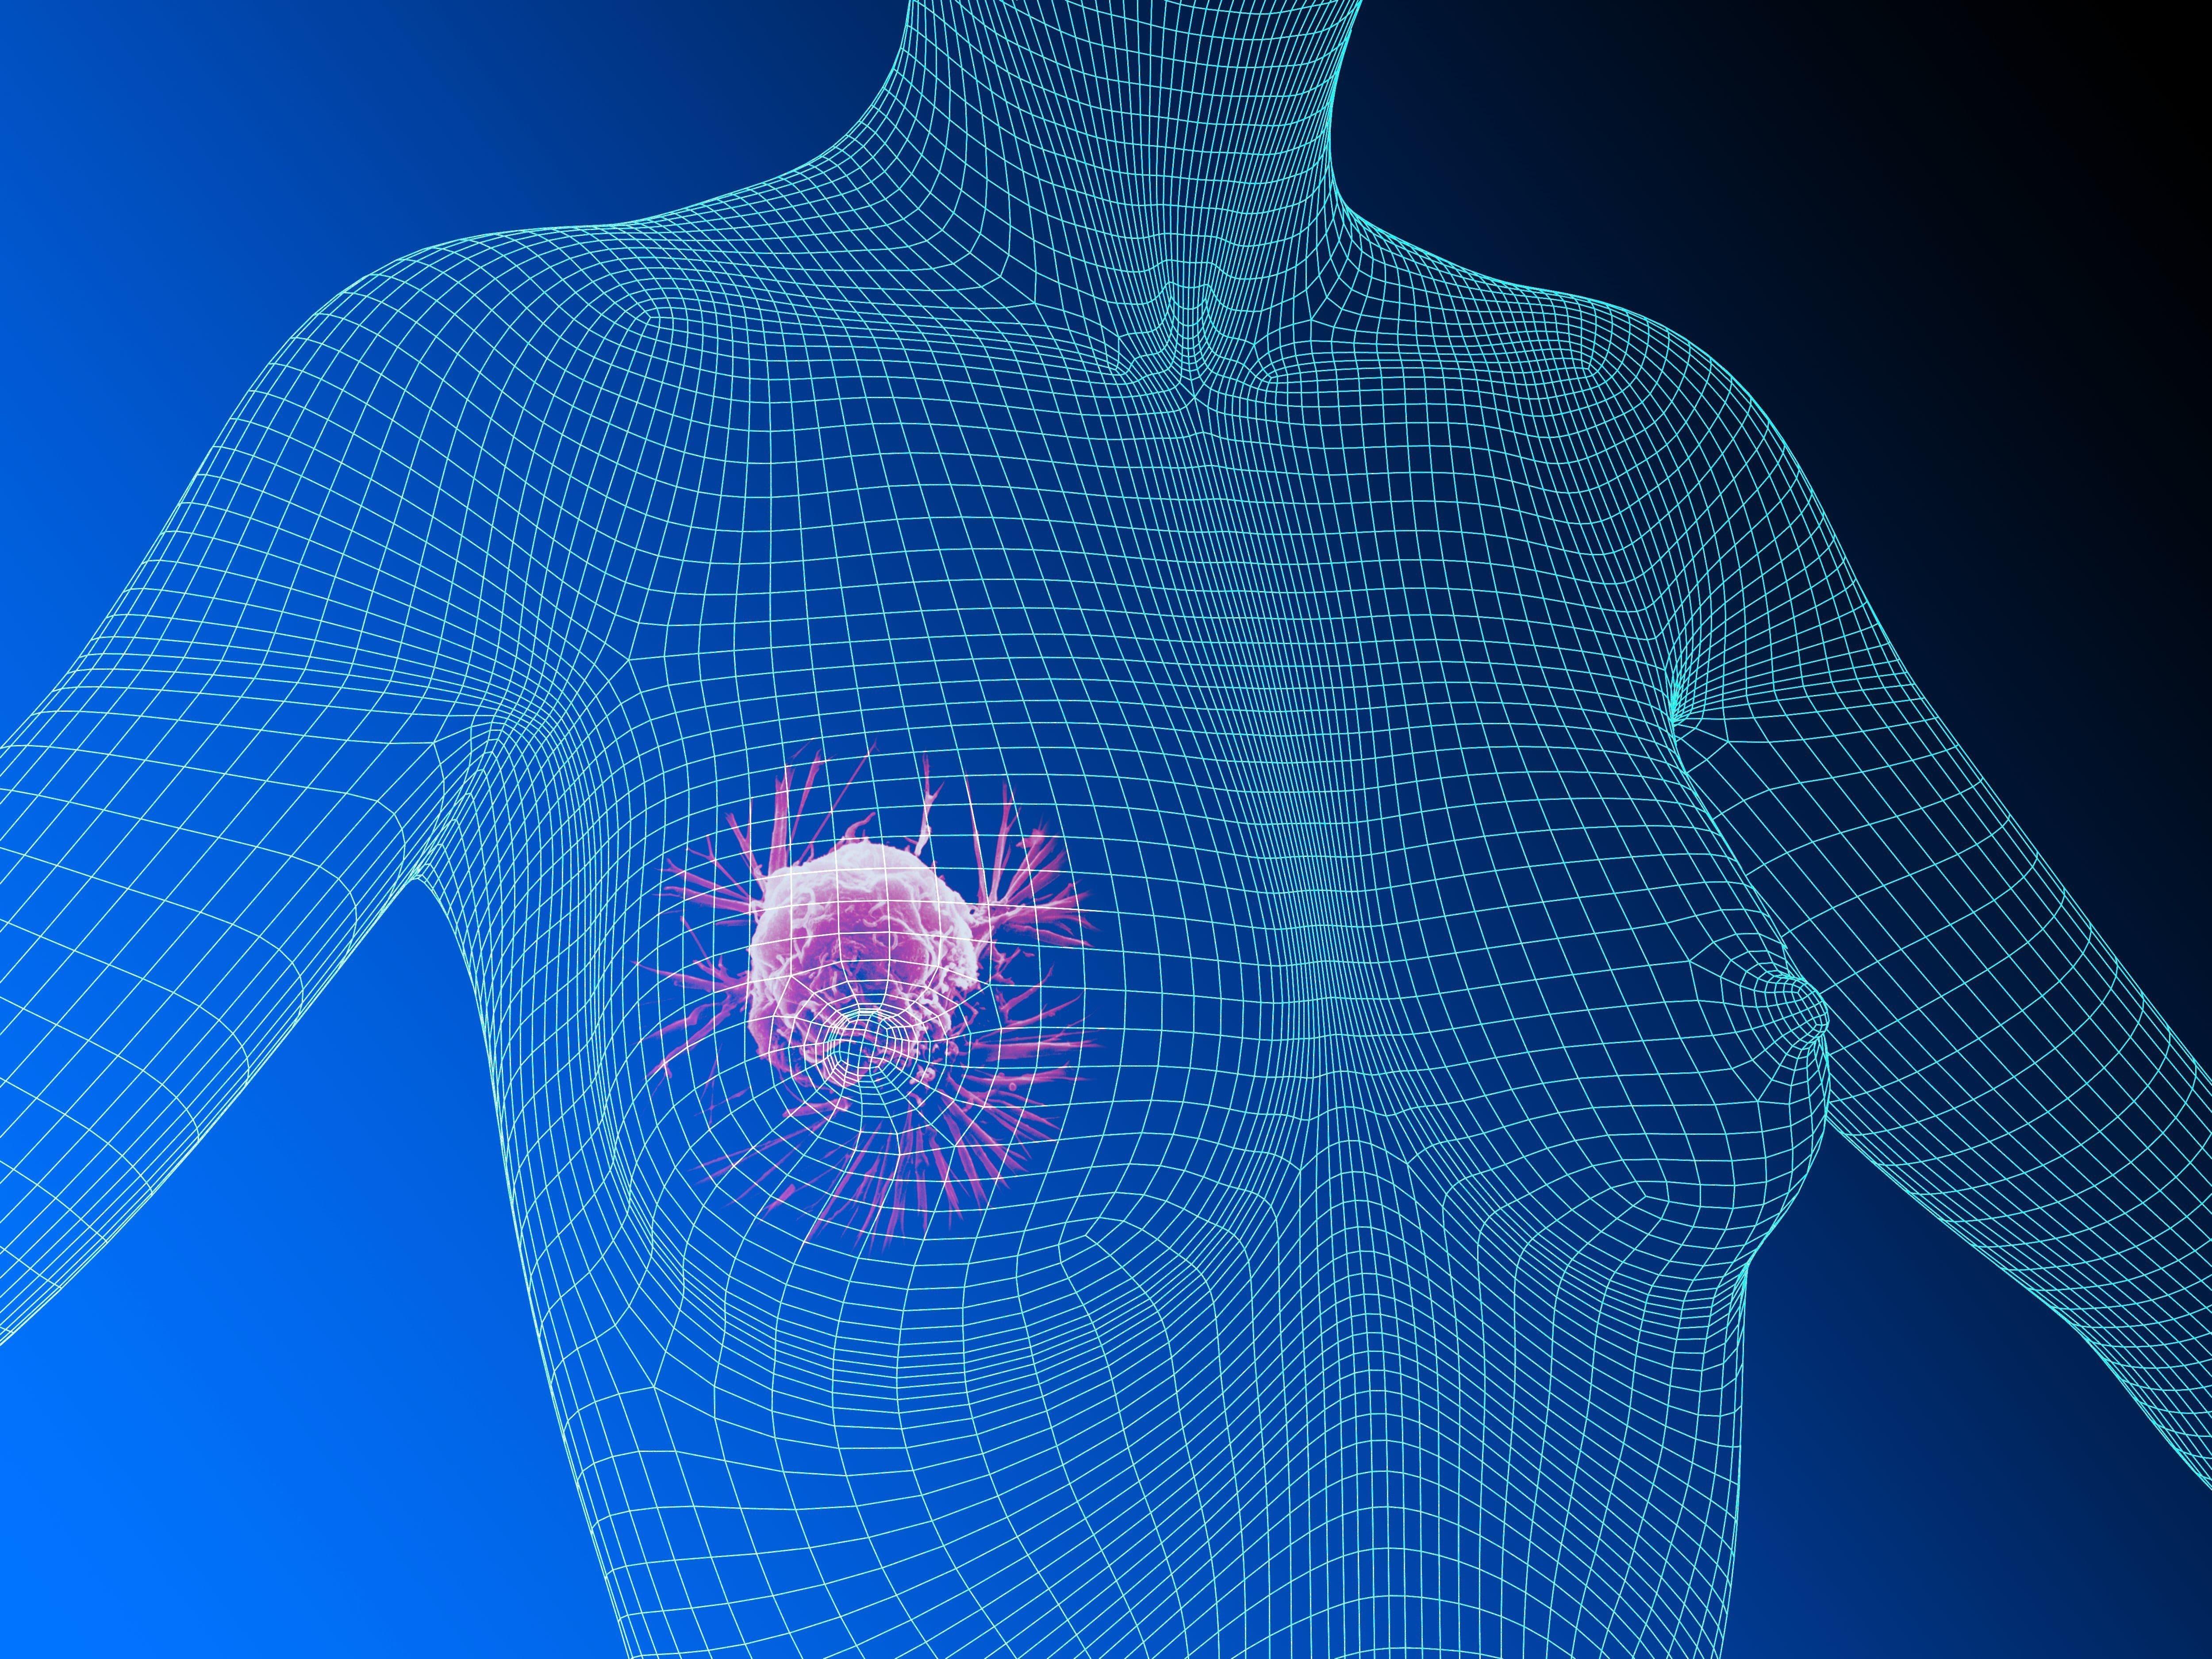 опухоль в железистой ткани